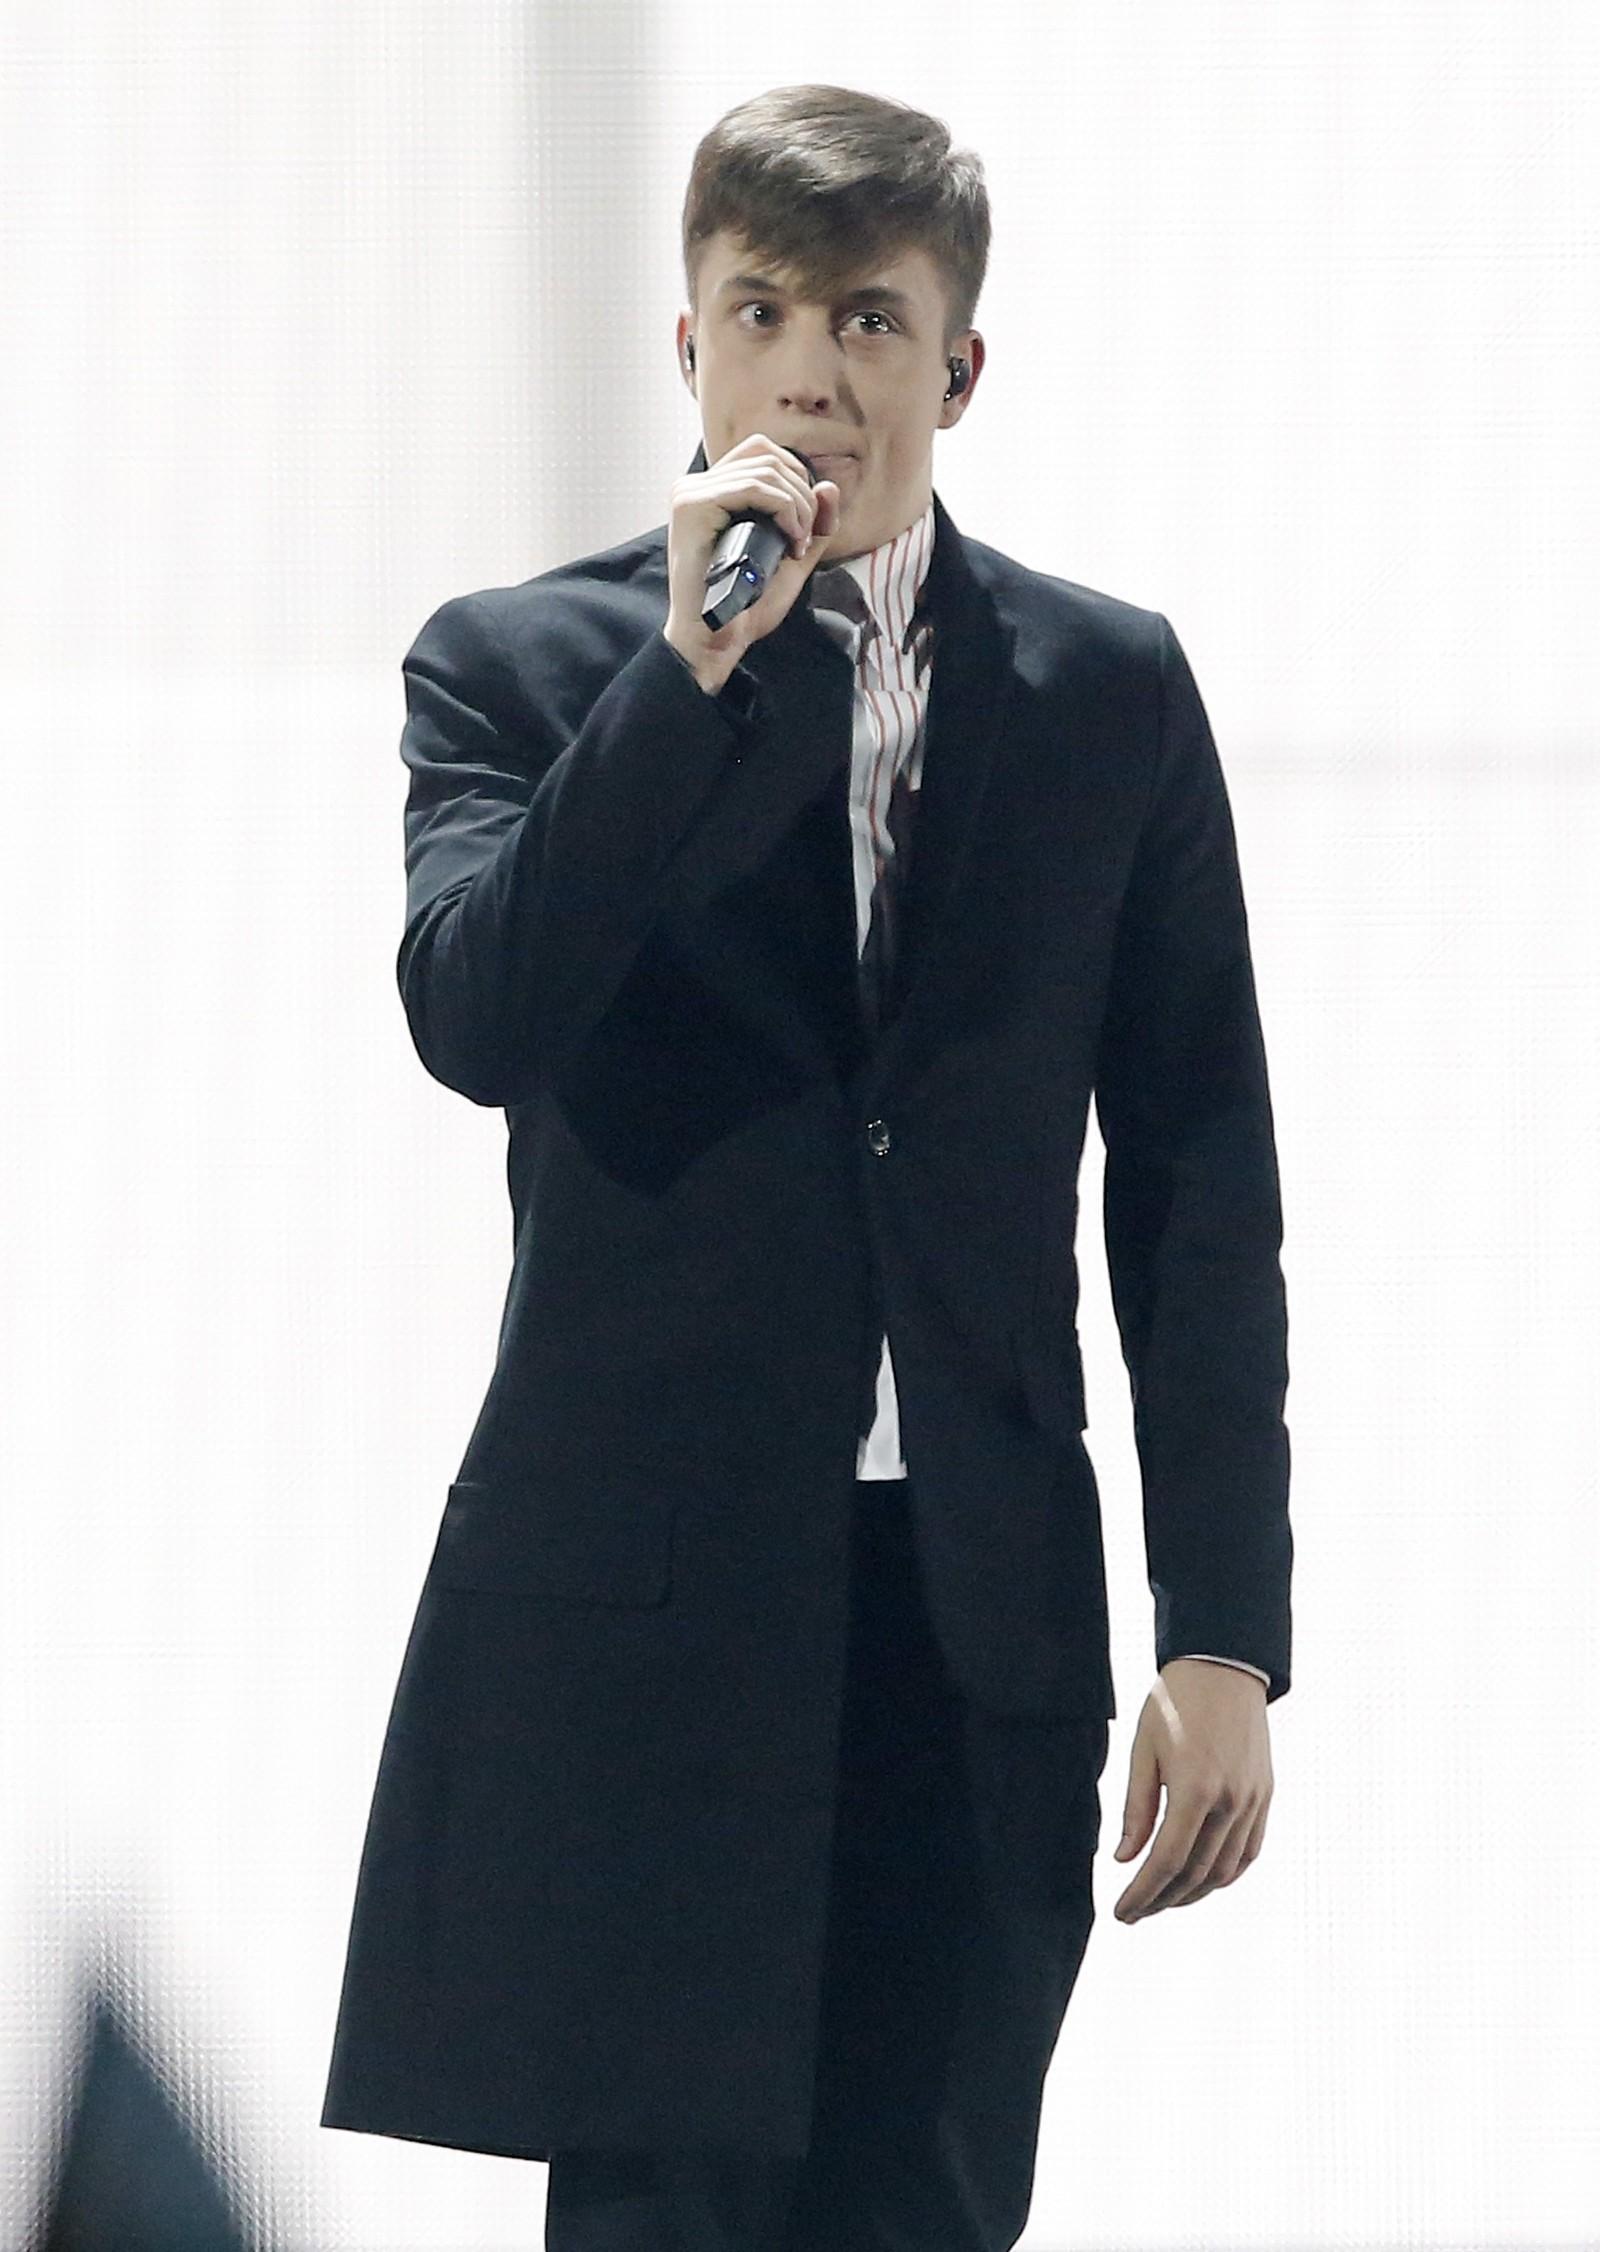 13. BELGIA: Unggutten Loïc Nottet representerer Belgia med låten «Rhythm Inside». Nottet kom på andreplass i den belgiske utgaven av The Voice i fjor.